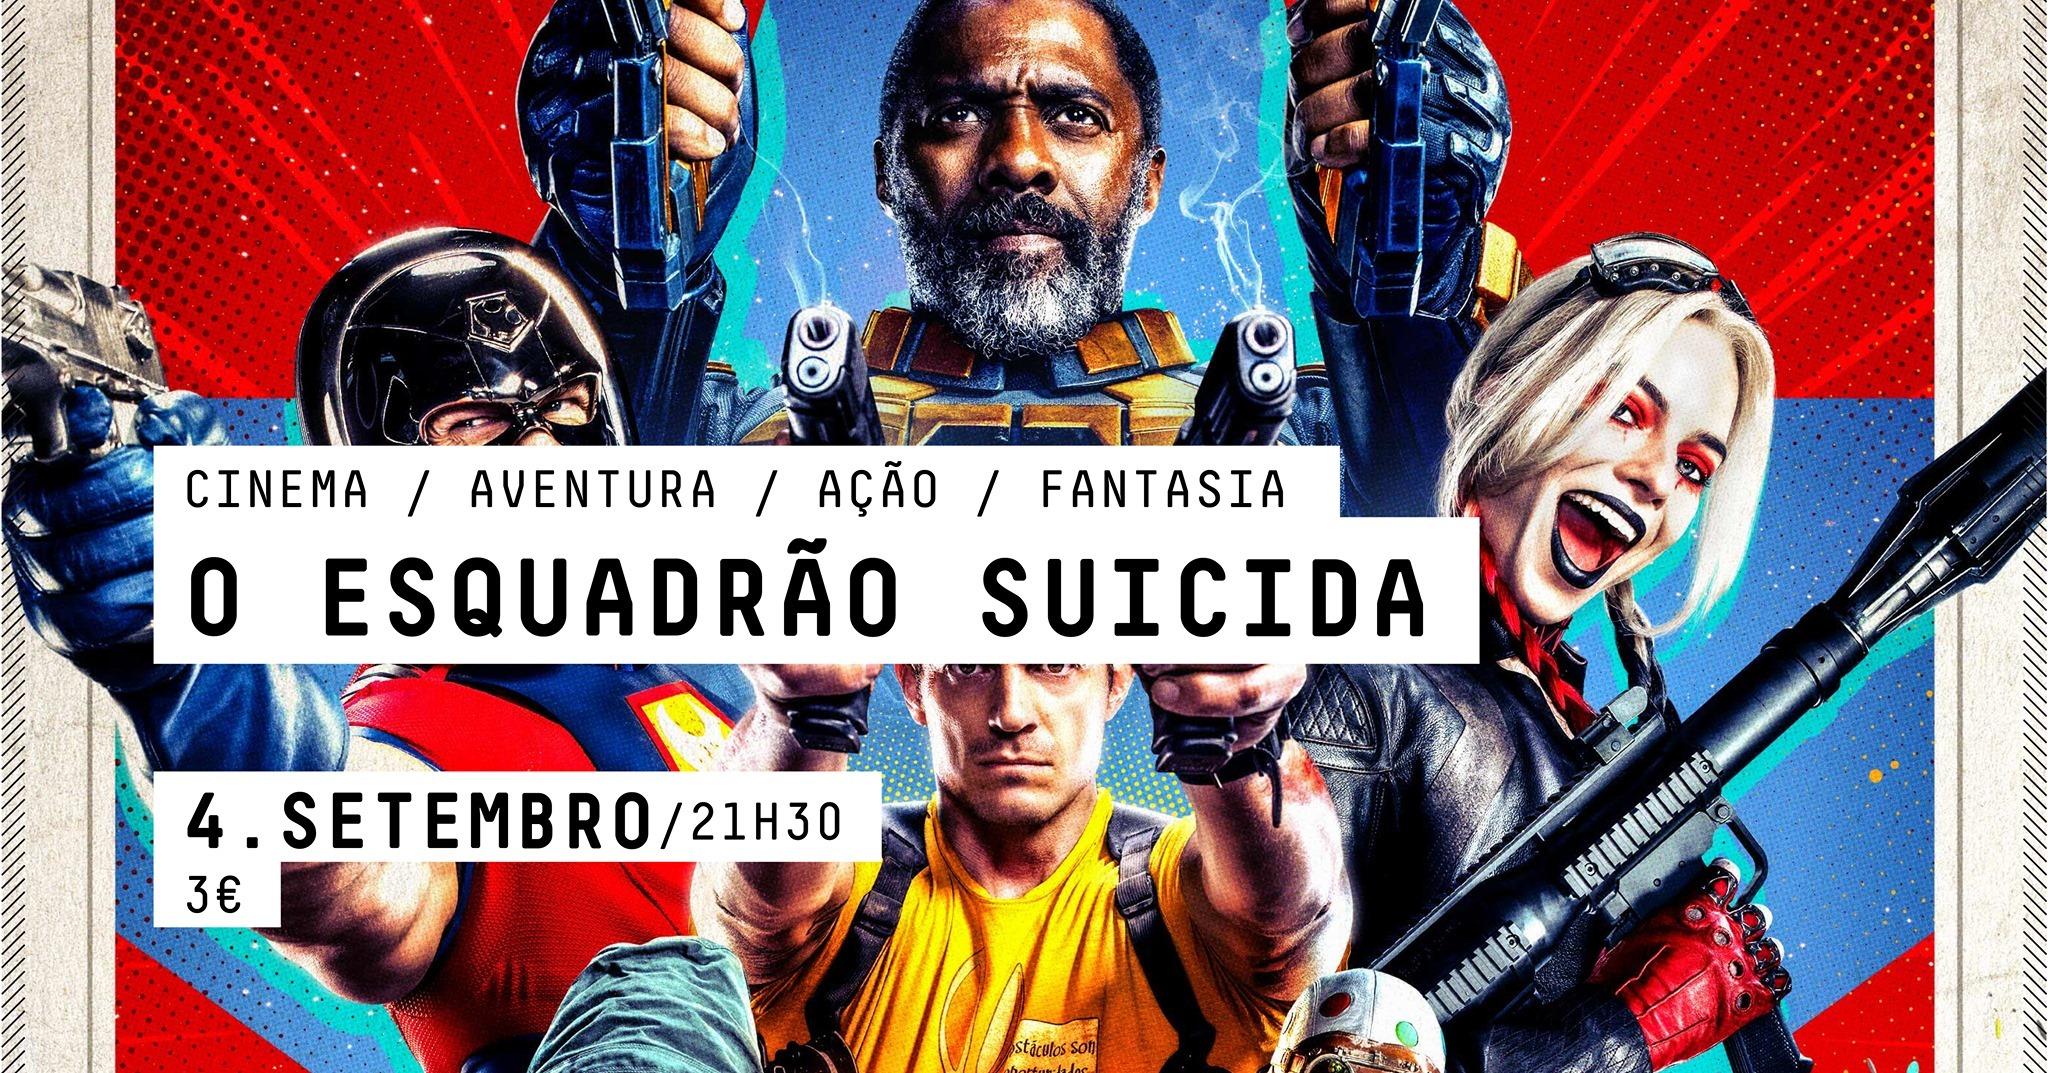 CINEMA  -  O Esquadrão Suicida